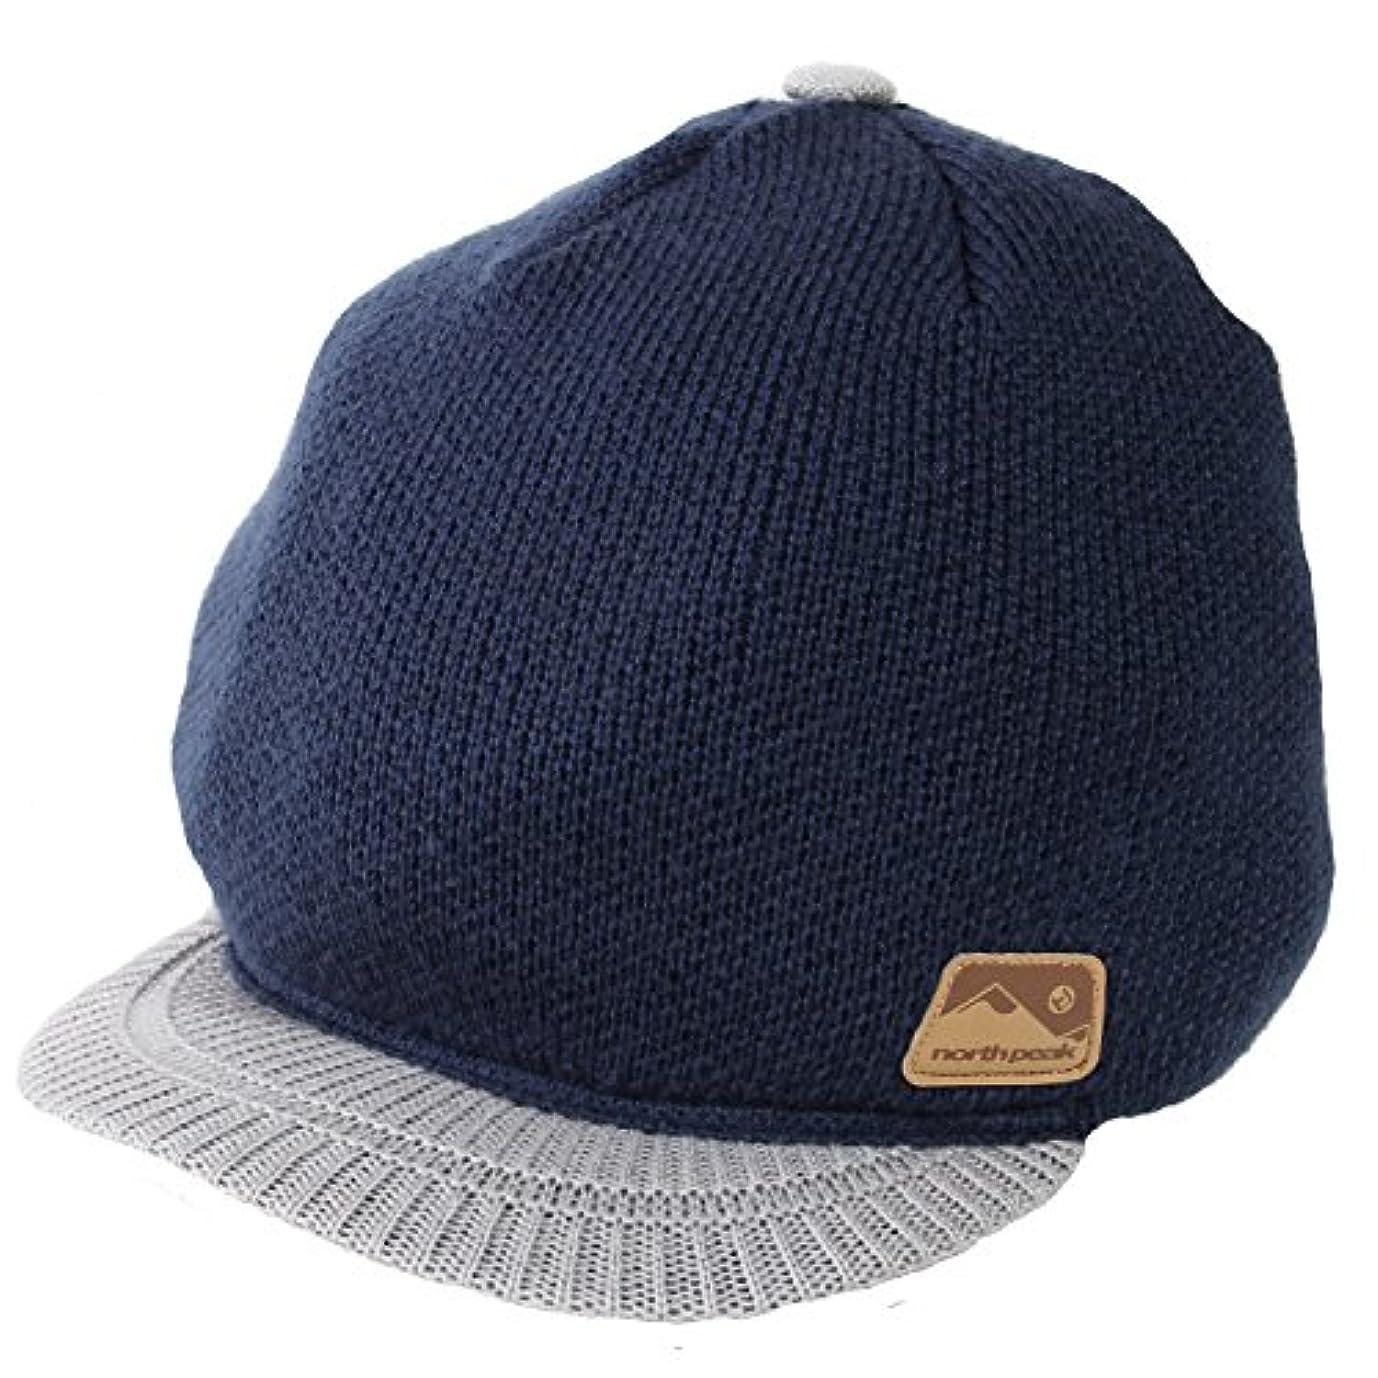 購入別のメンダシティnorth peak(ノースピーク) ビーニー ニット帽 つば付き NP-9395 フリーサイズ